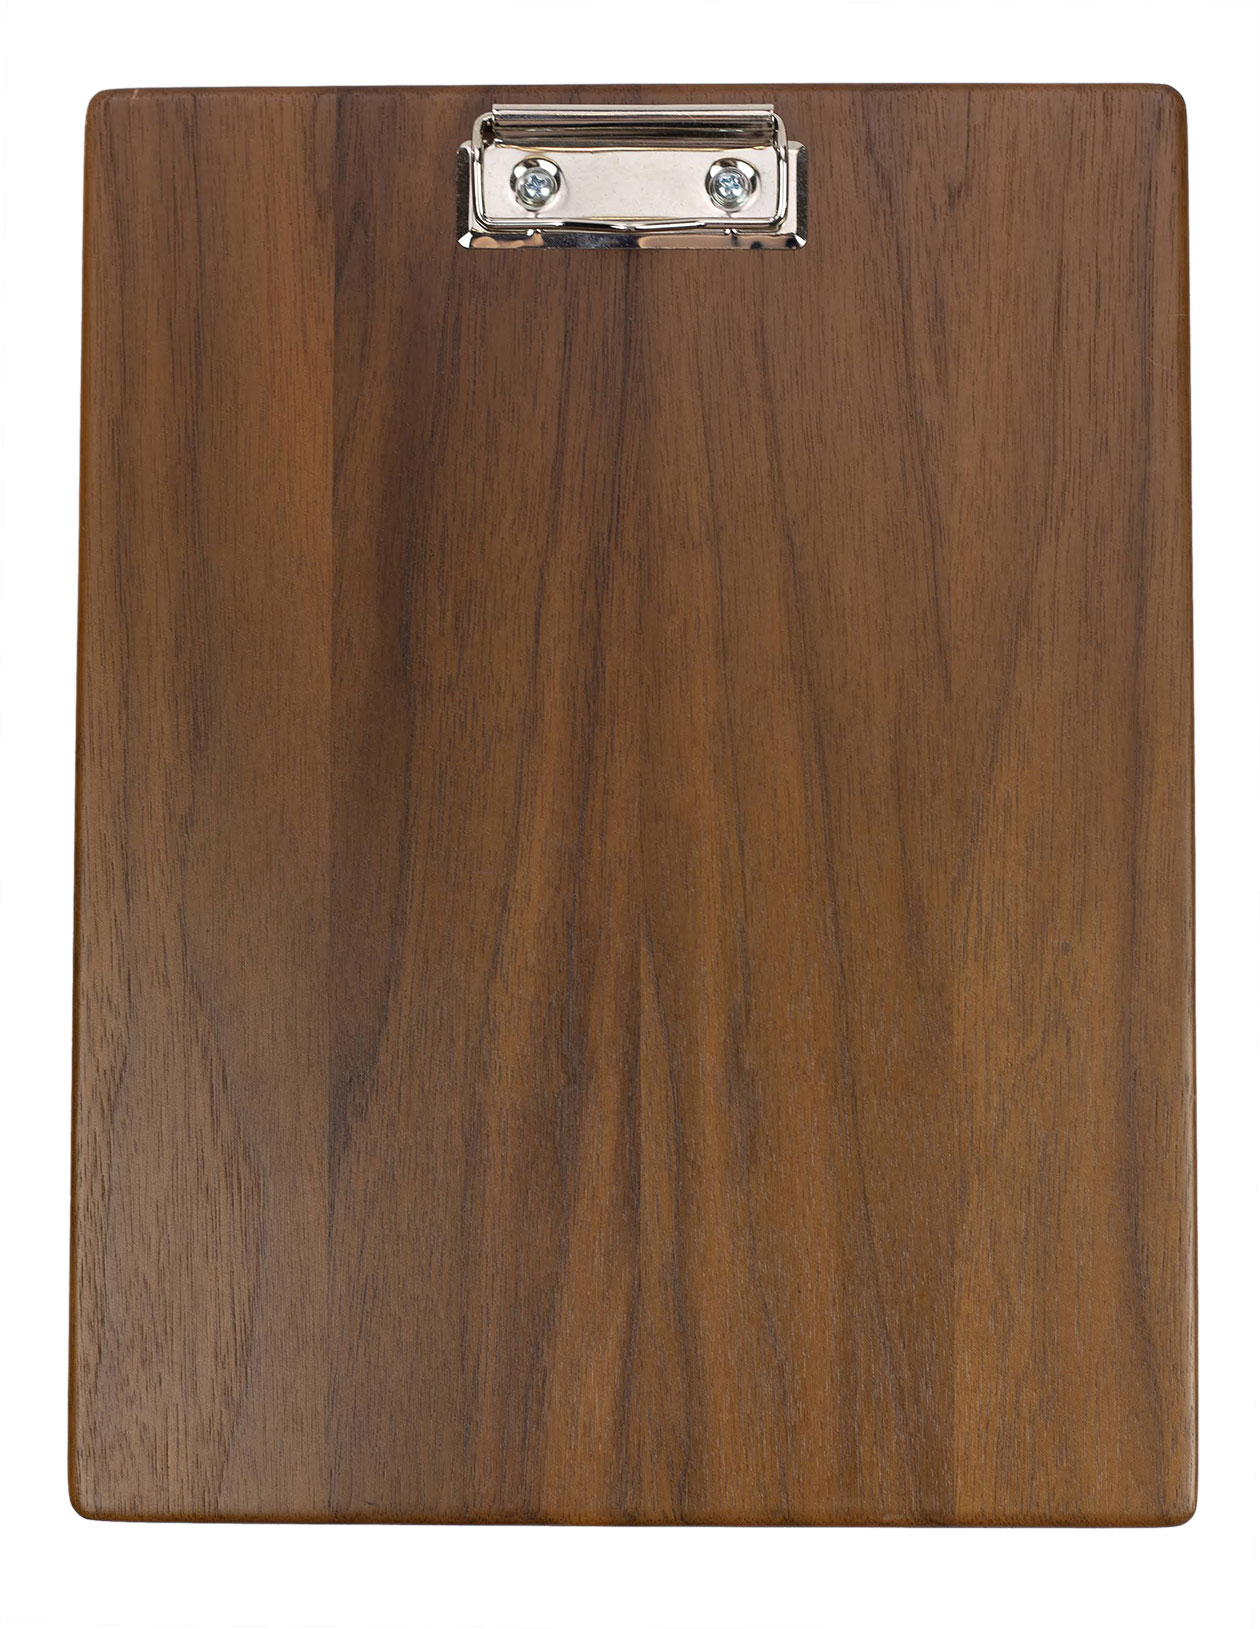 Woodboard 01 wr